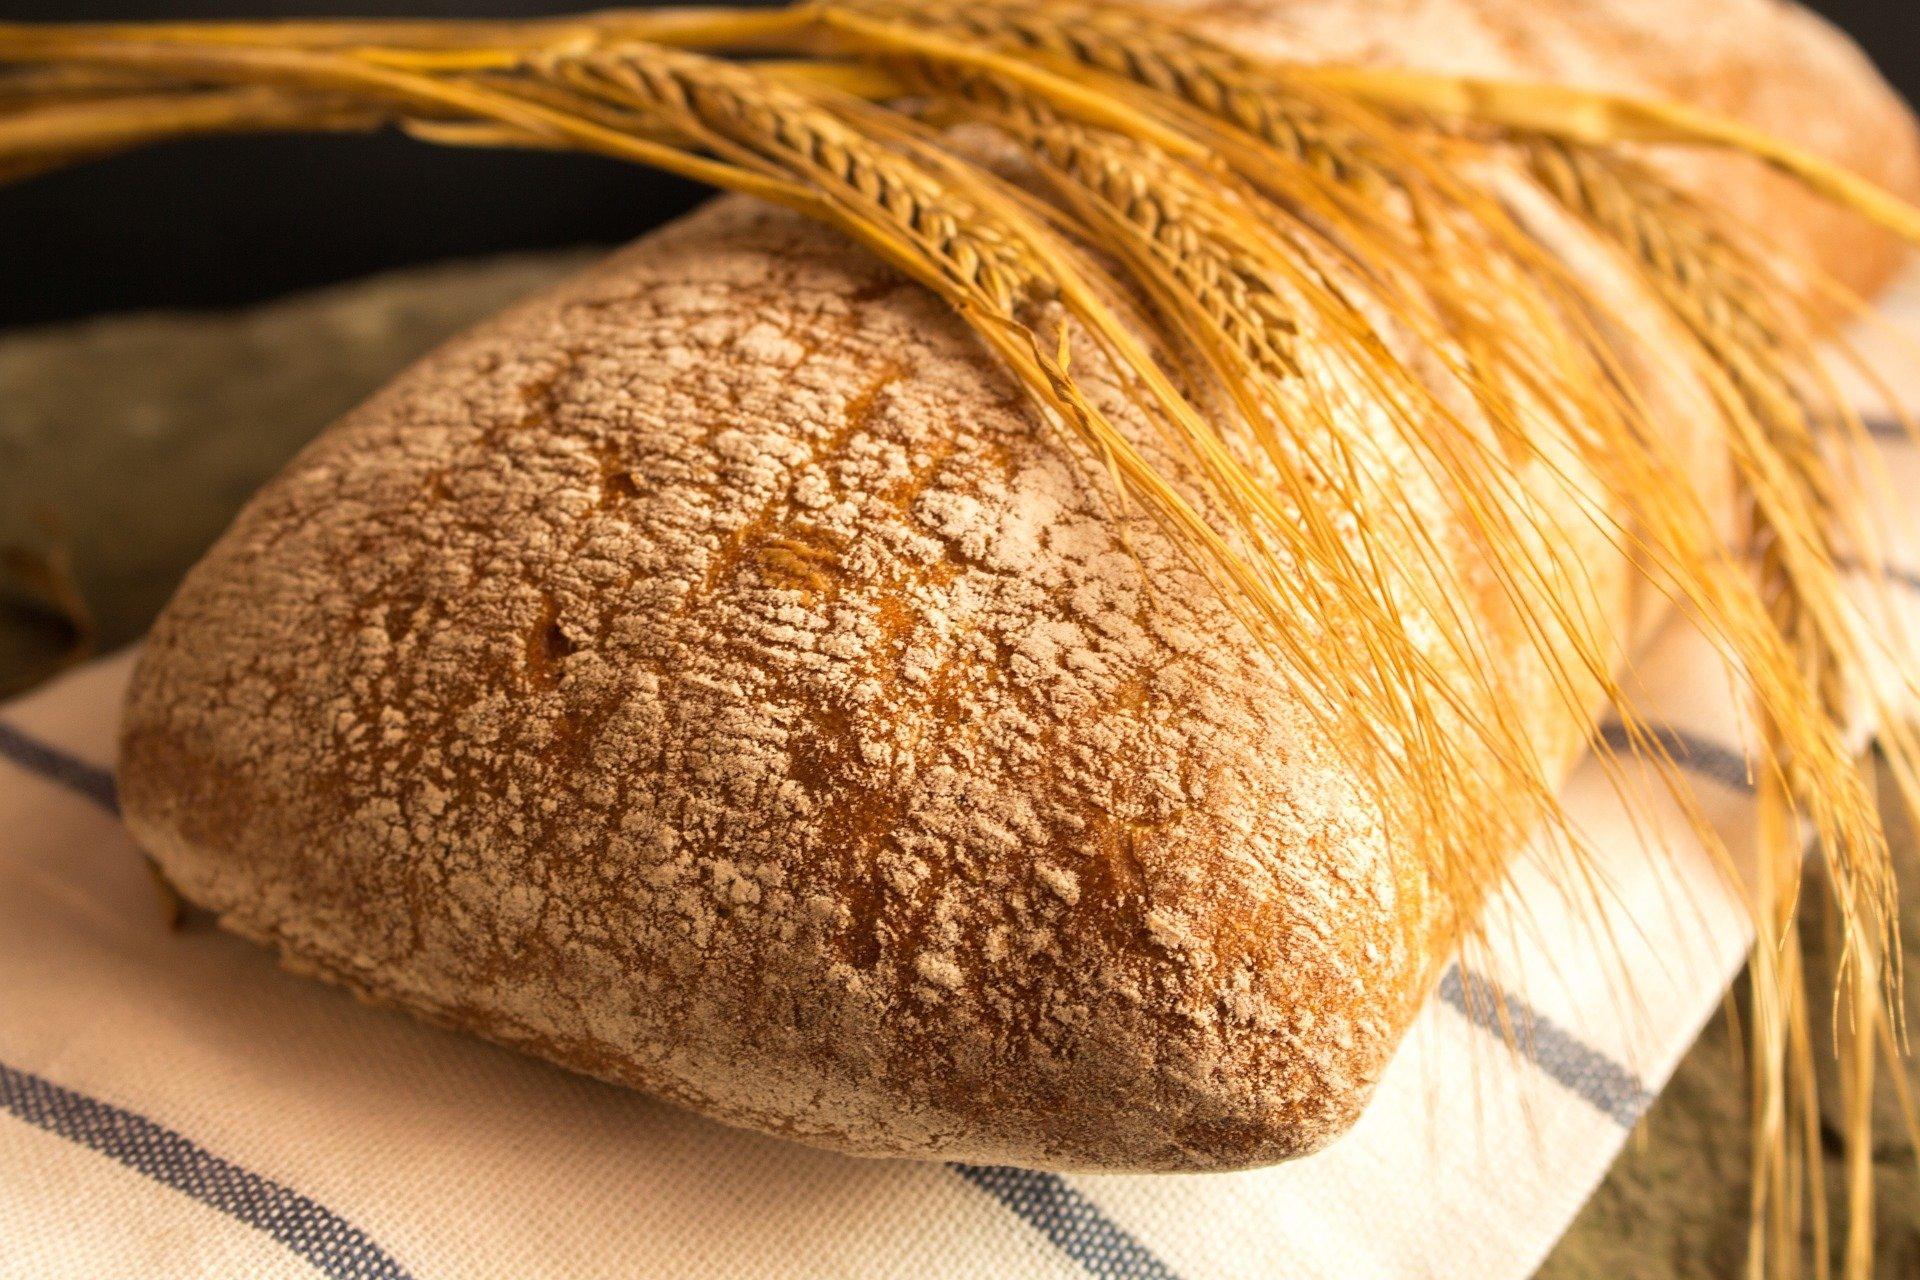 na obrazku kłosy zboża połozone na chlebie